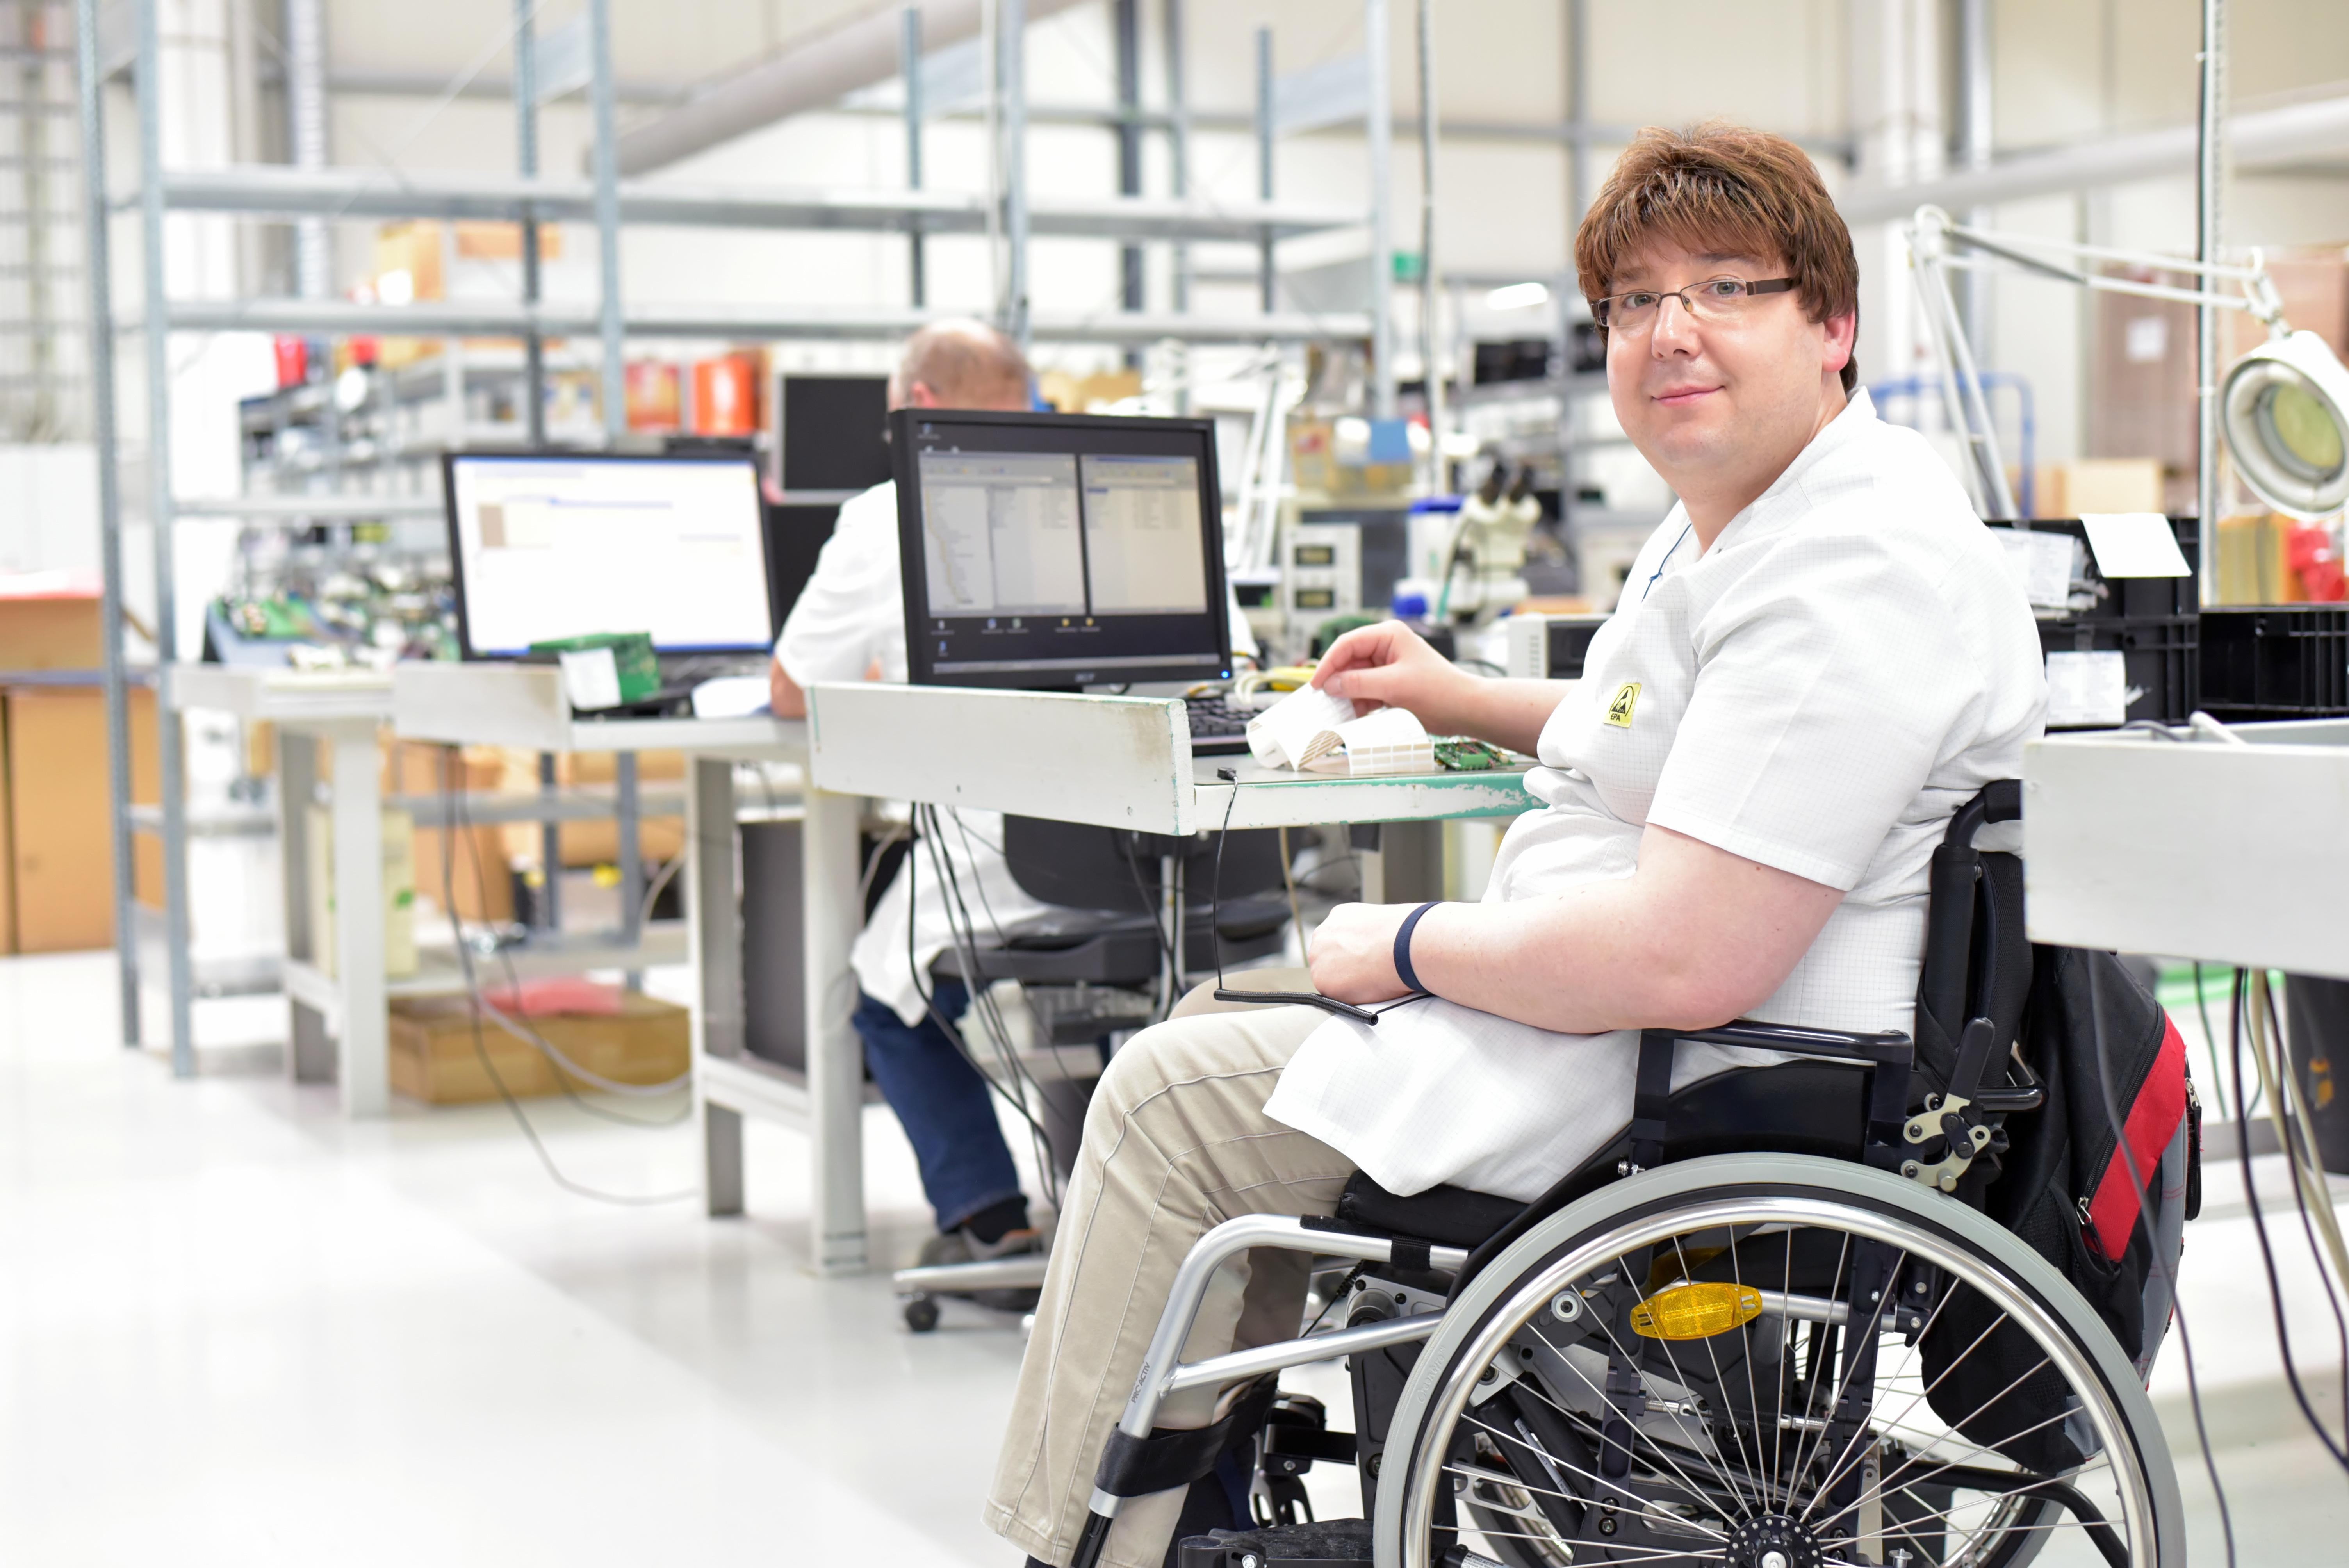 квотирование рабочих мест инвалиды и молодежь